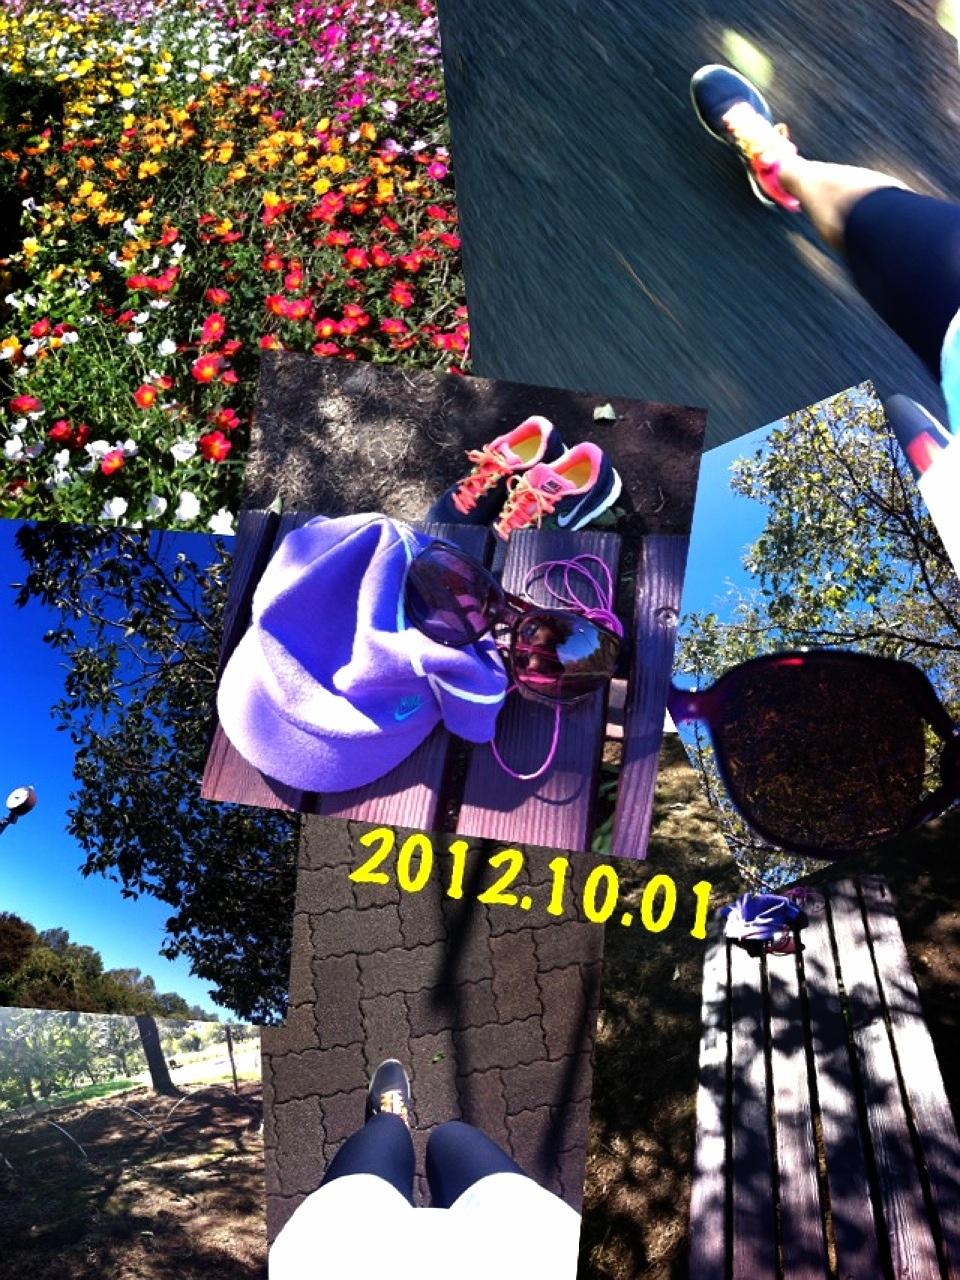 20121001-094316.jpg